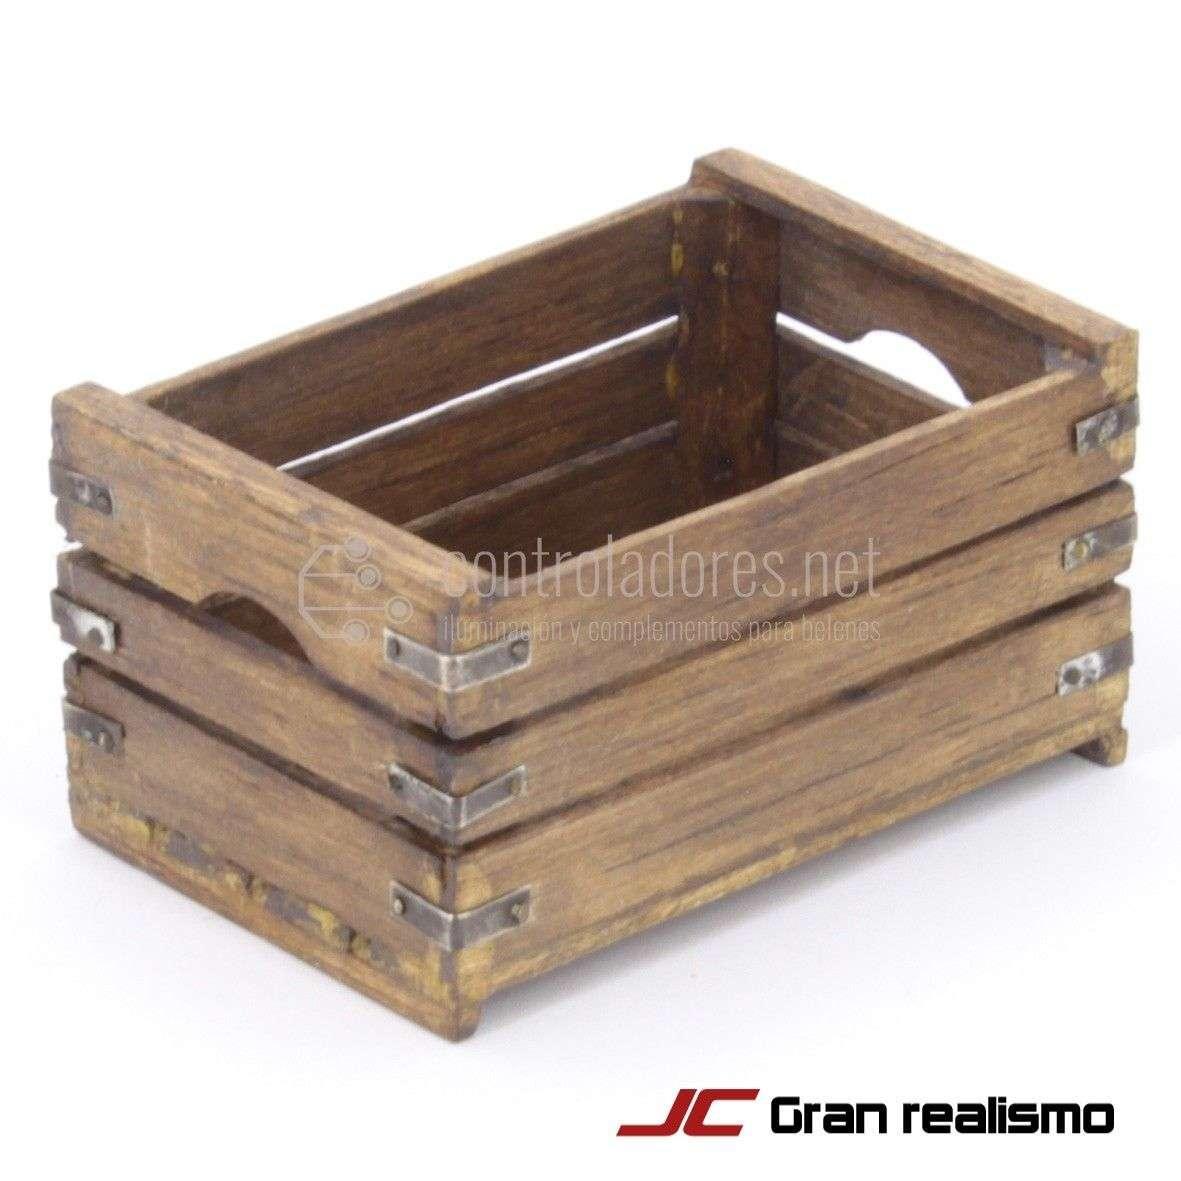 Caja fruta envejecida 7x4,50x3,50 cm